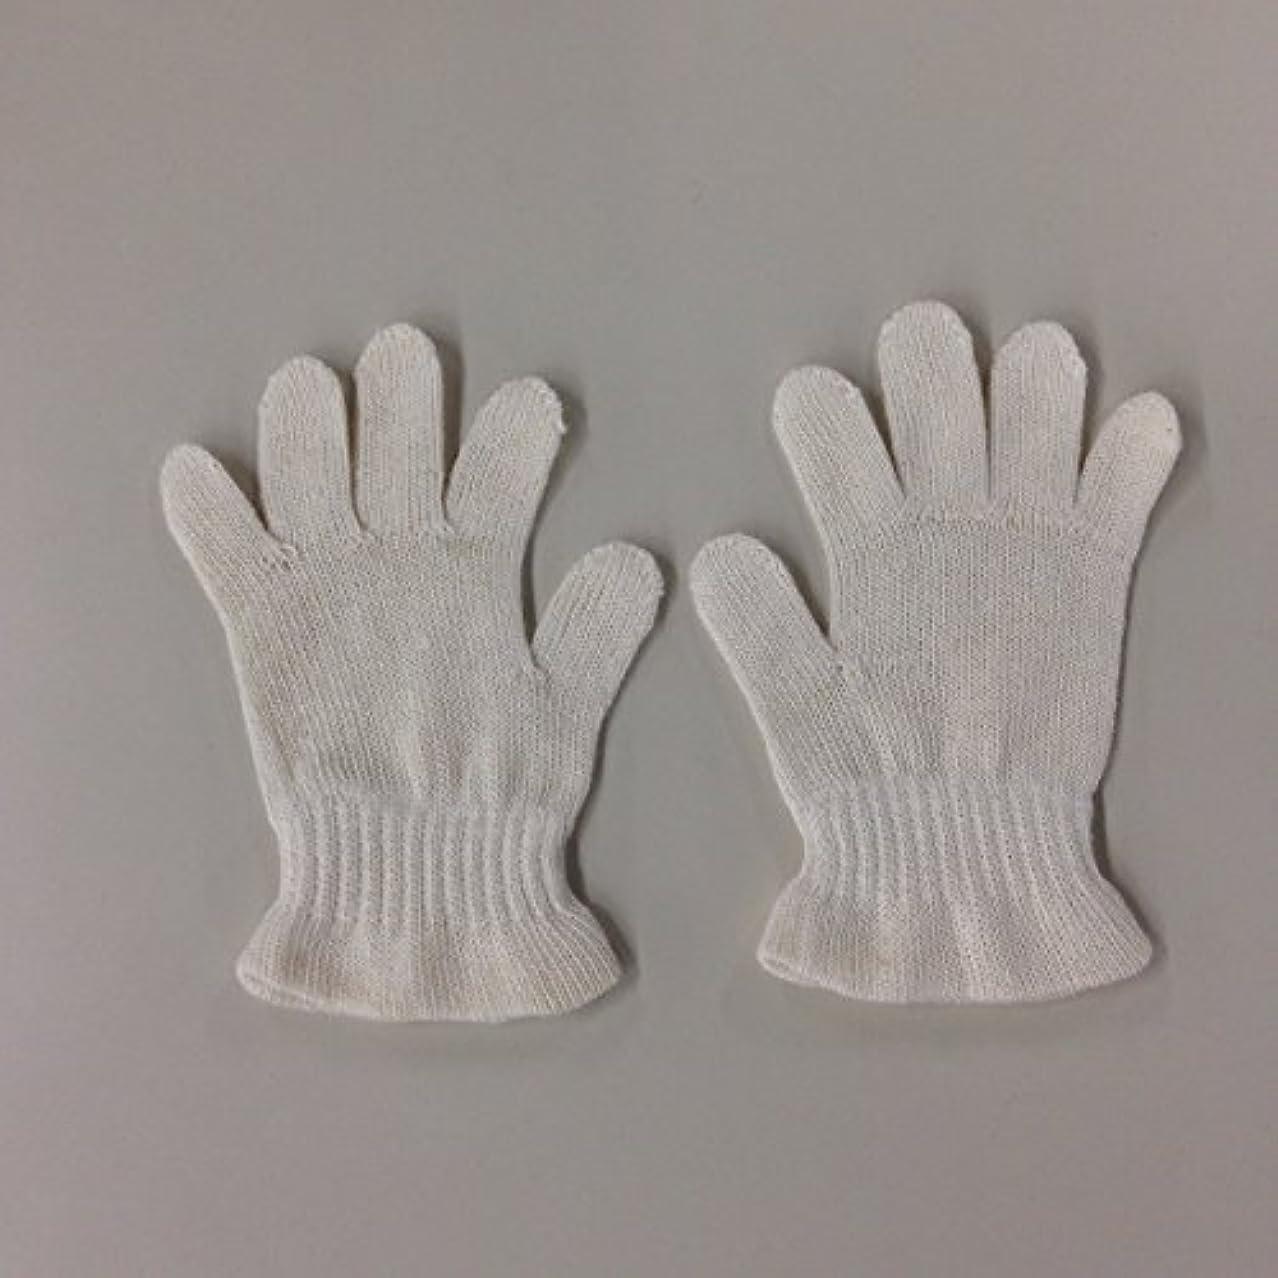 比率洋服砲撃(ASAFUKU) 麻福 おやすみ 手袋 肌に優しい ヘンプ素材 乾燥対策 Bサイズ(幼児~園児用))